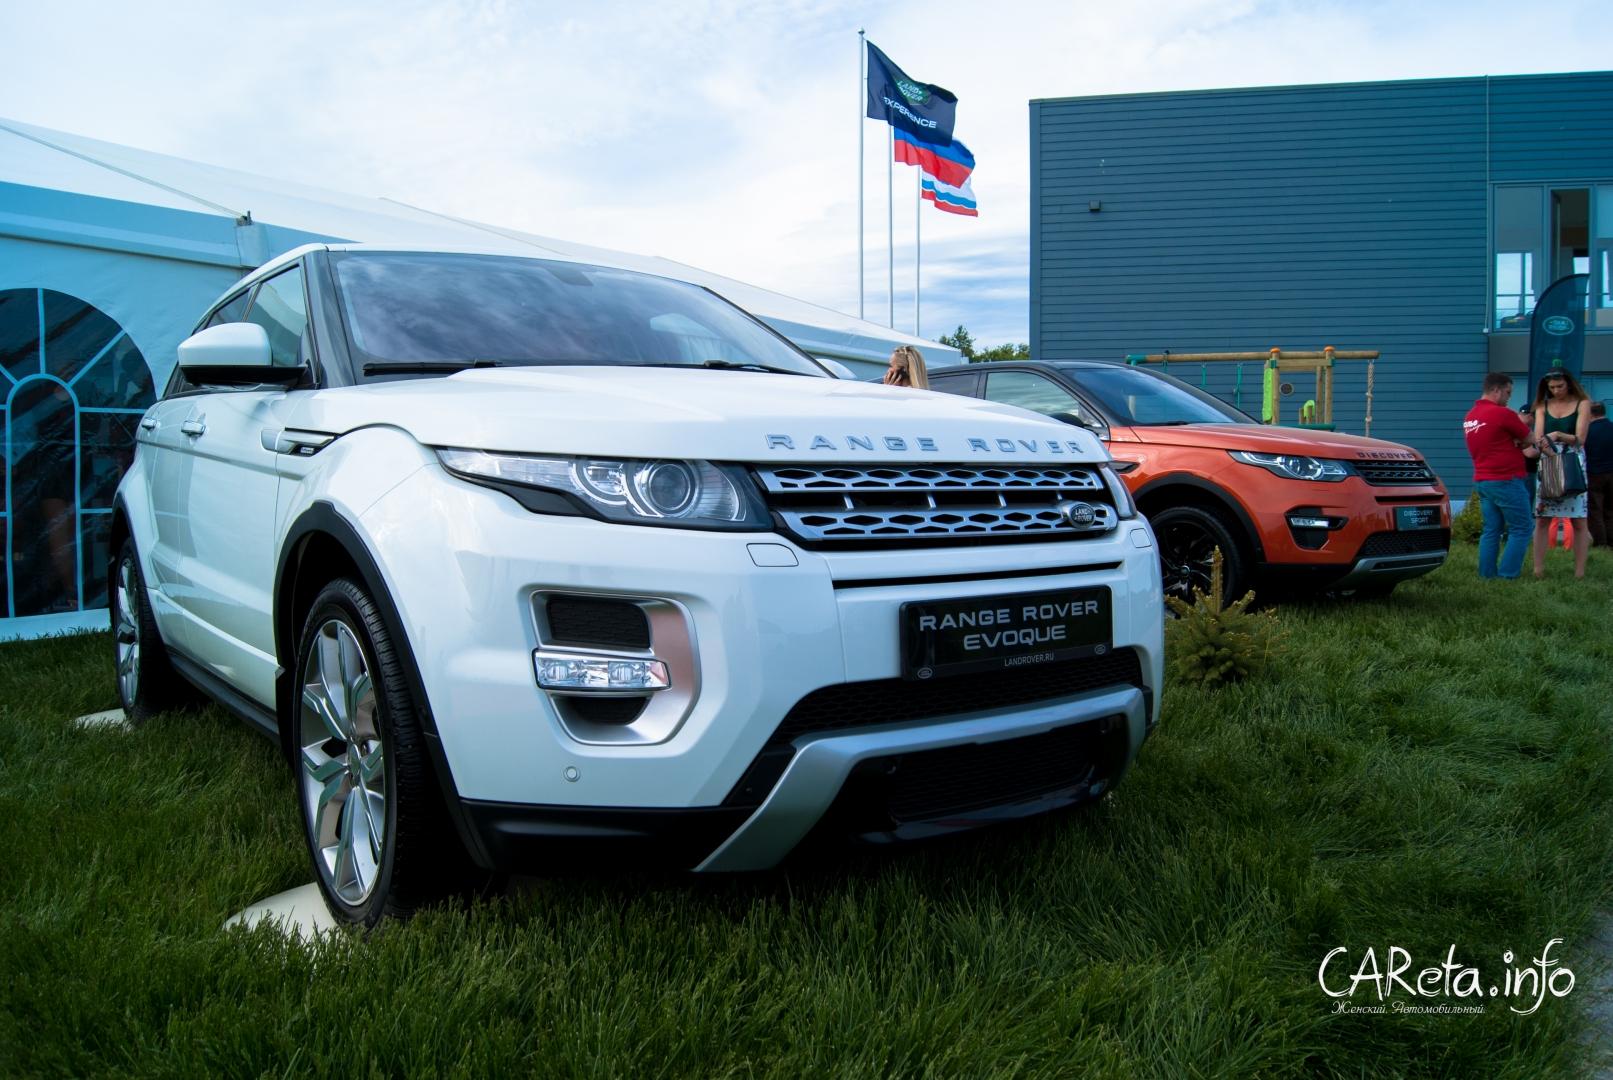 Роуд-шоу Jaguar Land Rover: сделай свой выбор!